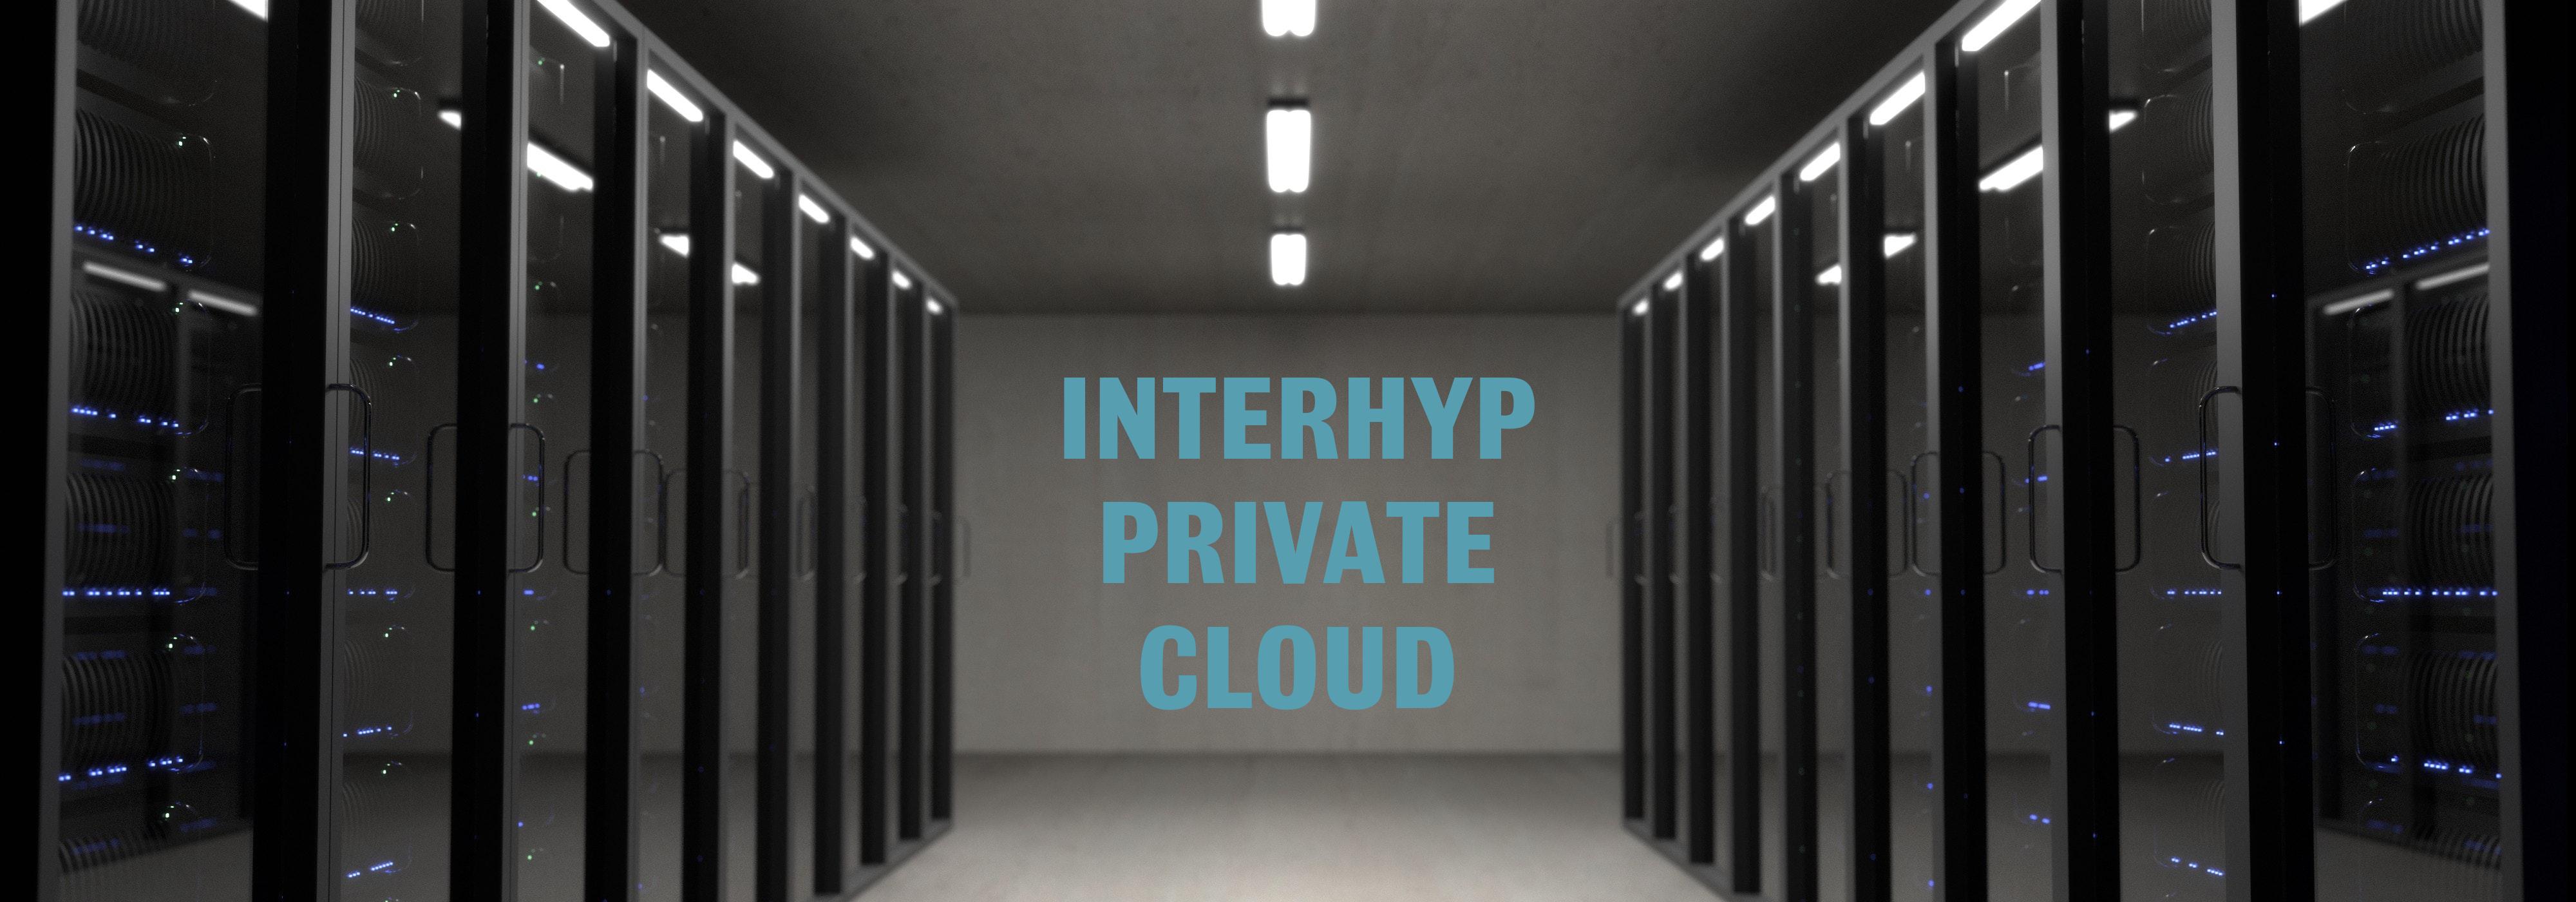 Microsoft Assessment der Interhyp Private Cloud